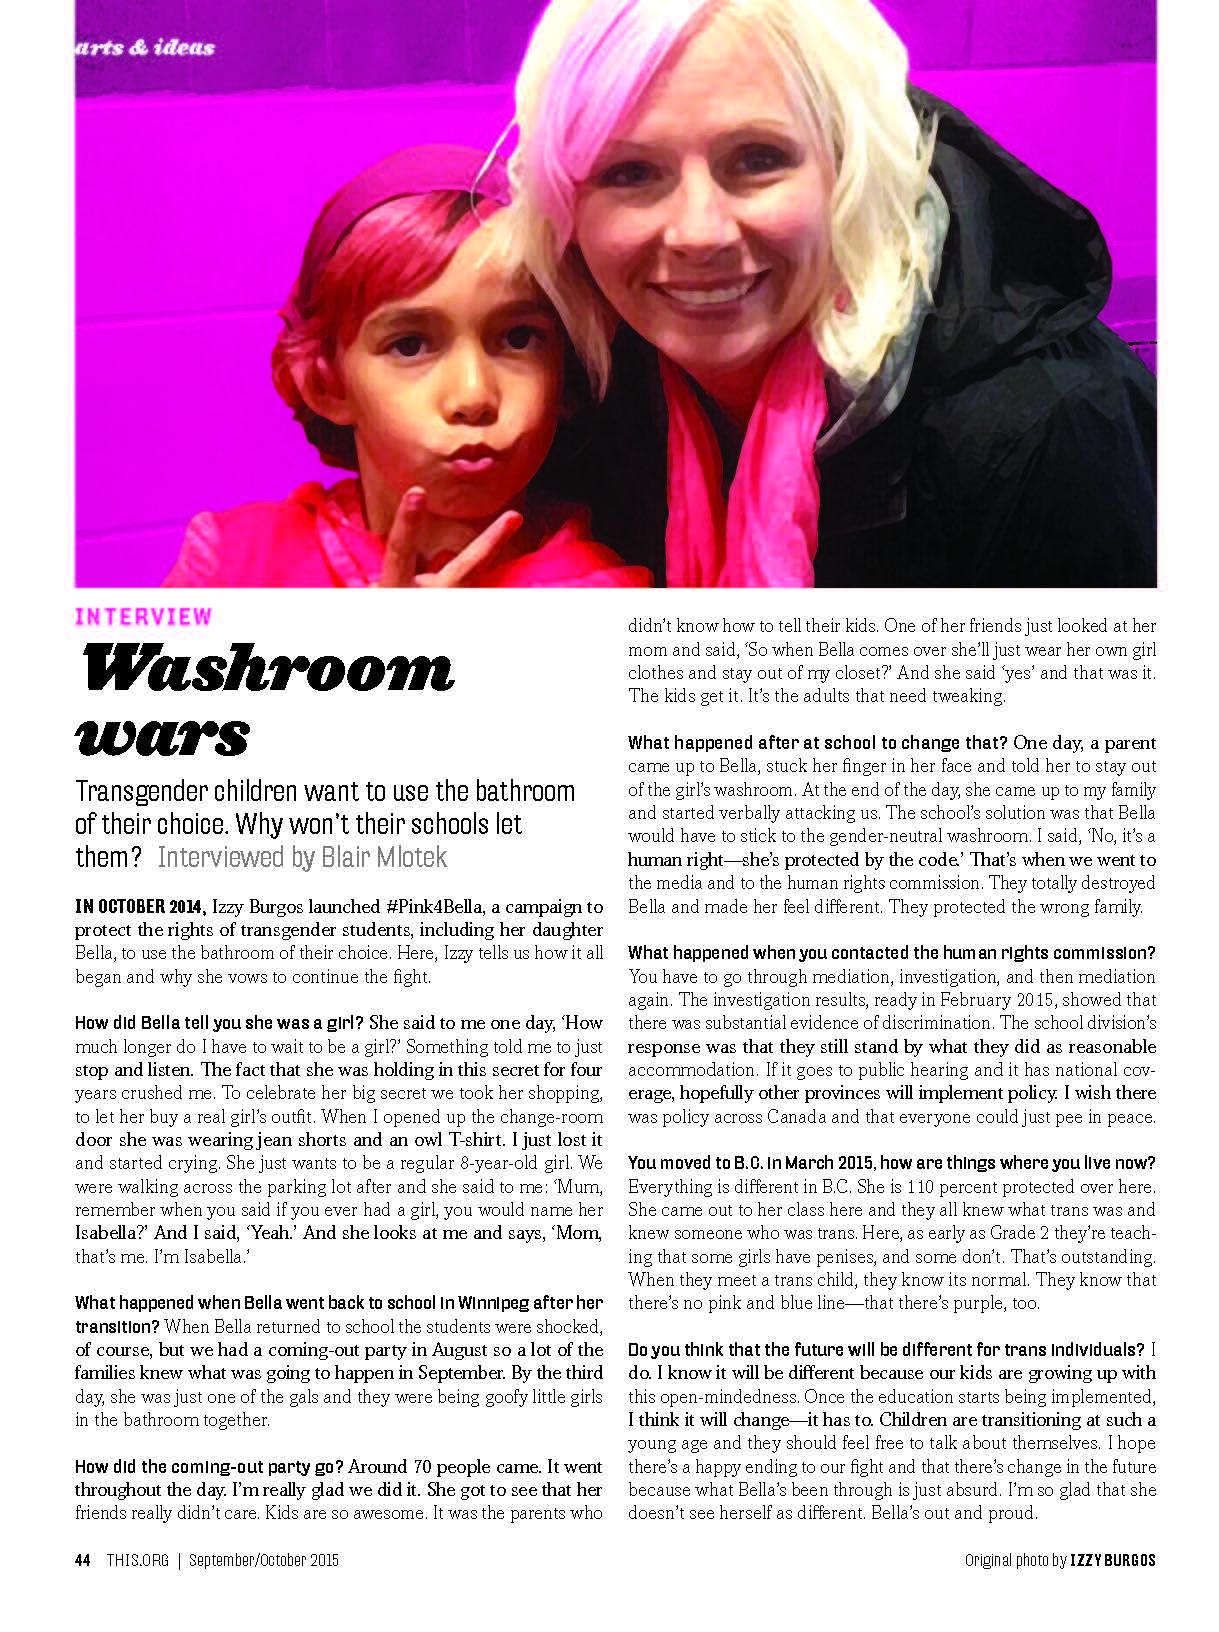 This Magazine - Washroom Wars: In conversation with Izzy Burgos